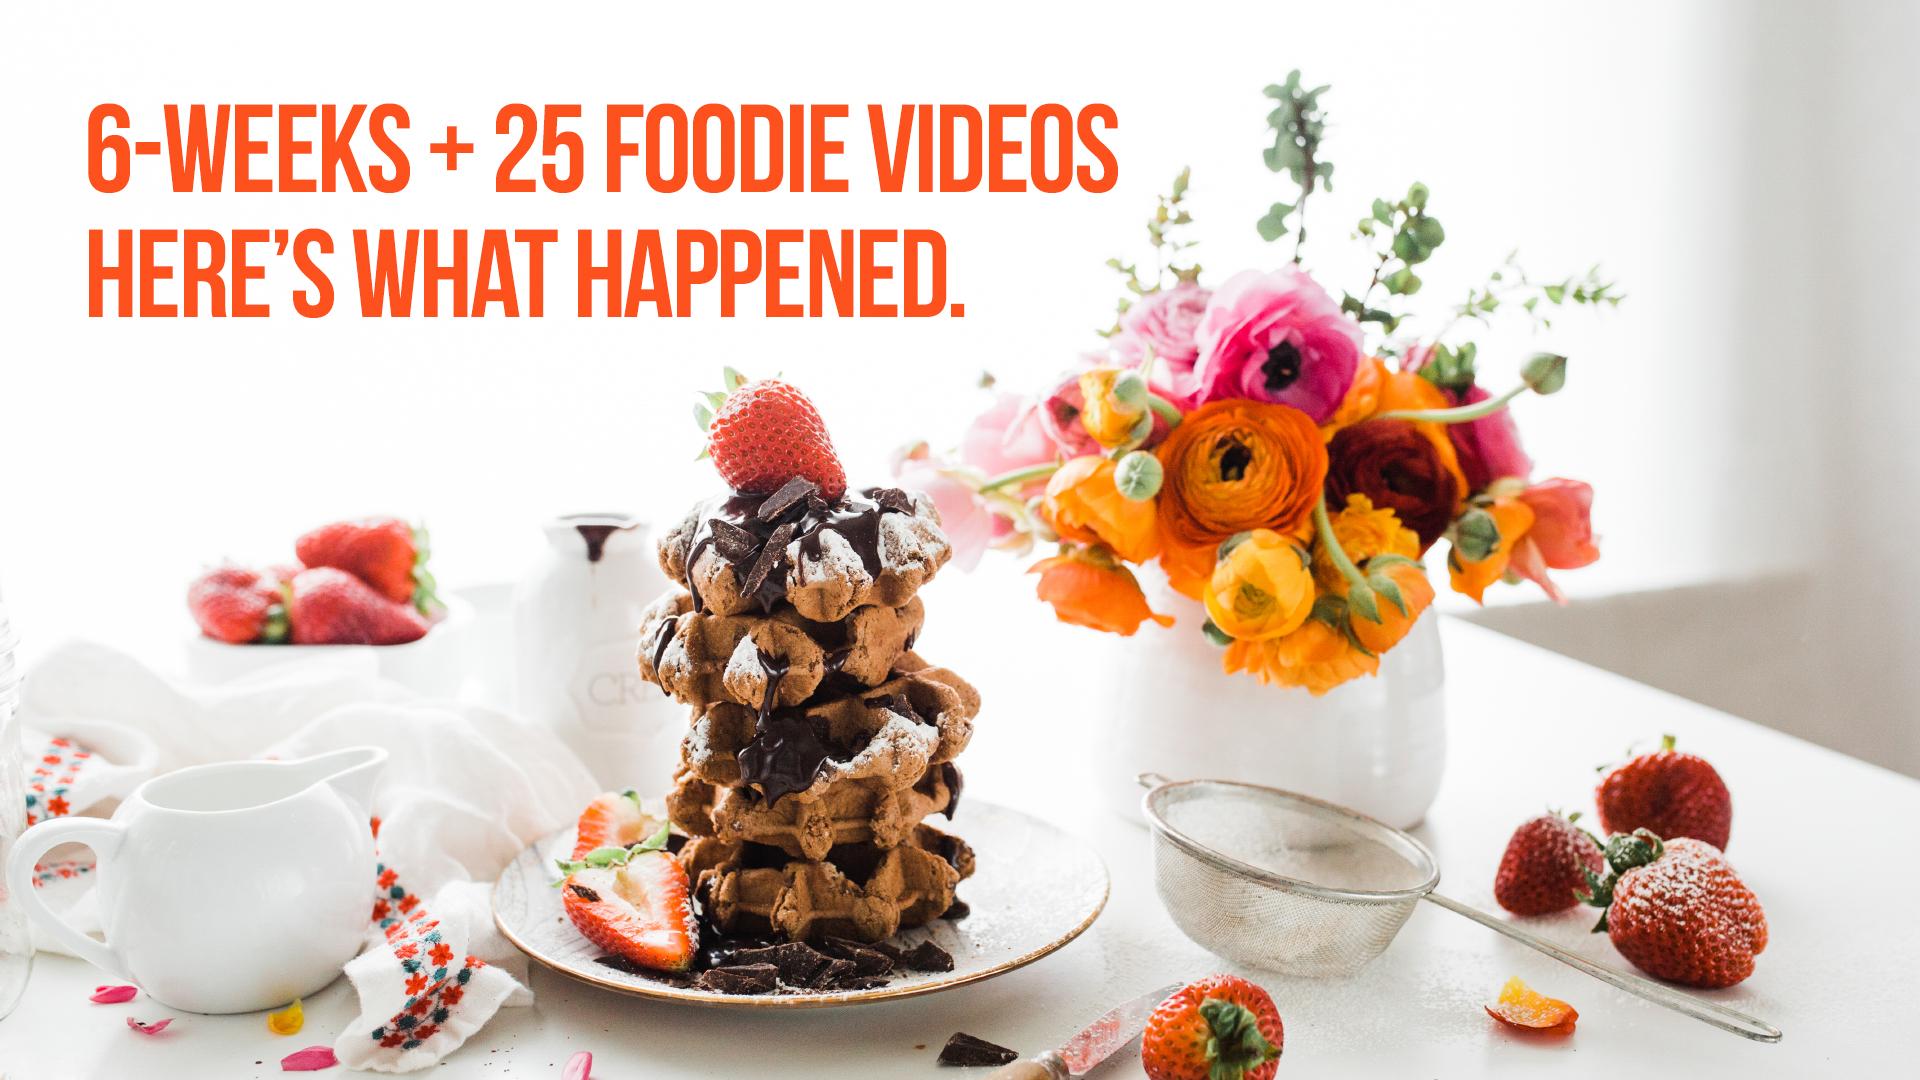 Foodie Video Presentation.jpg